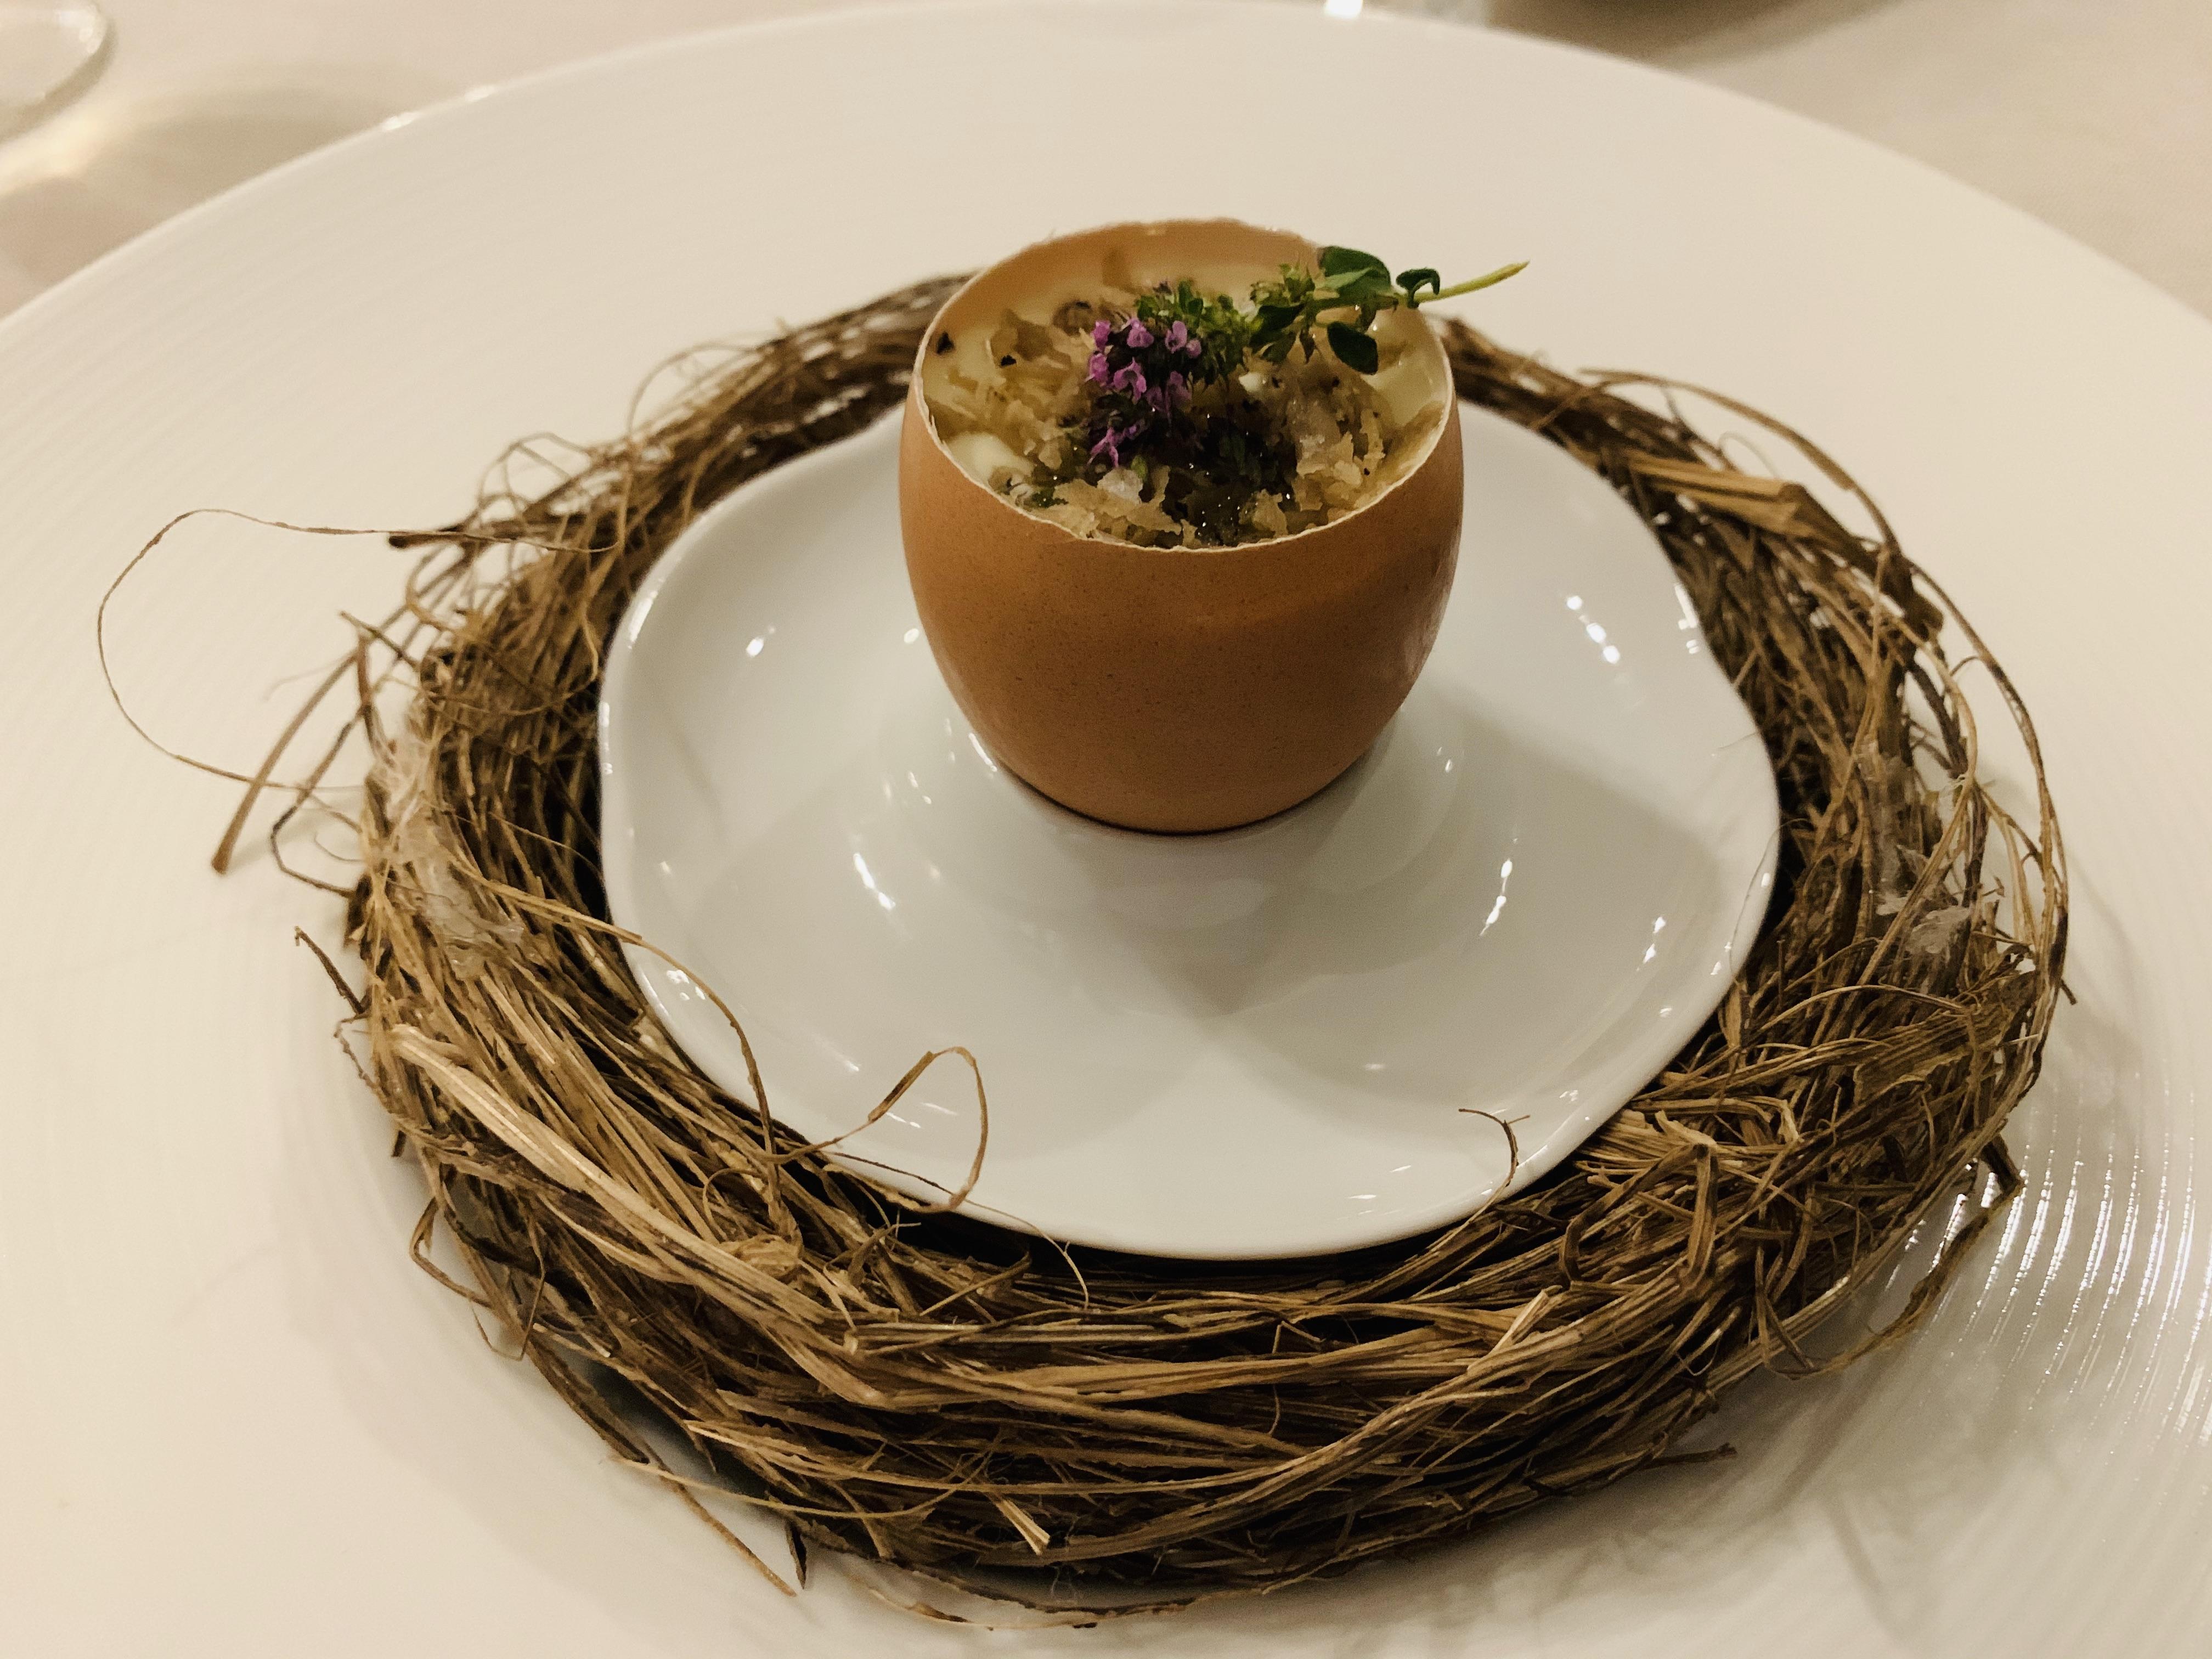 uovo-danilo-ciavattini-chef-ale-pepe-omaggio-nido